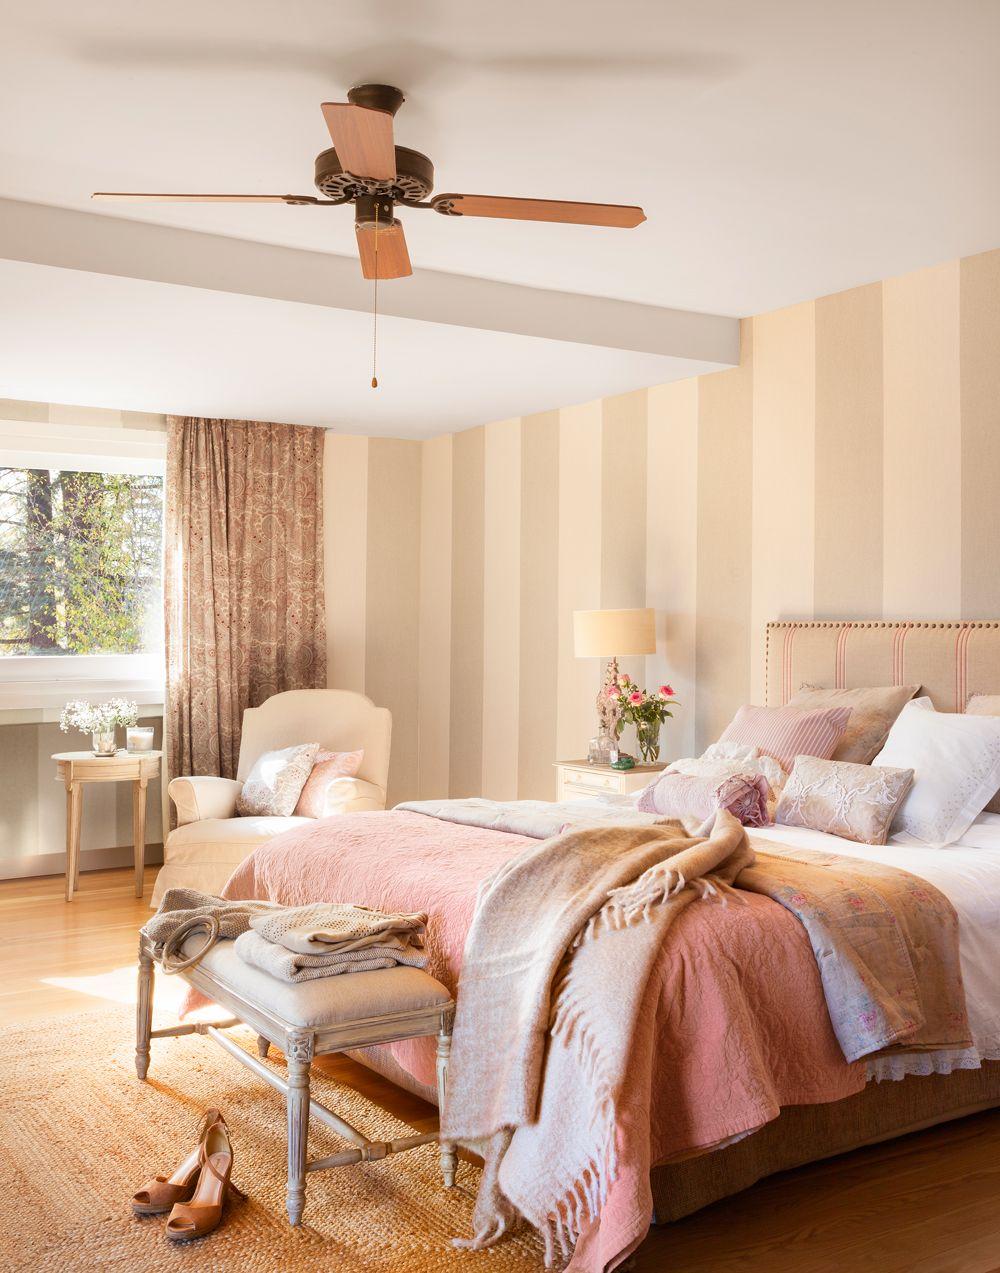 Los 50 mejores dormitorios de el mueble ideas para for Muebles bajos dormitorio para adultos